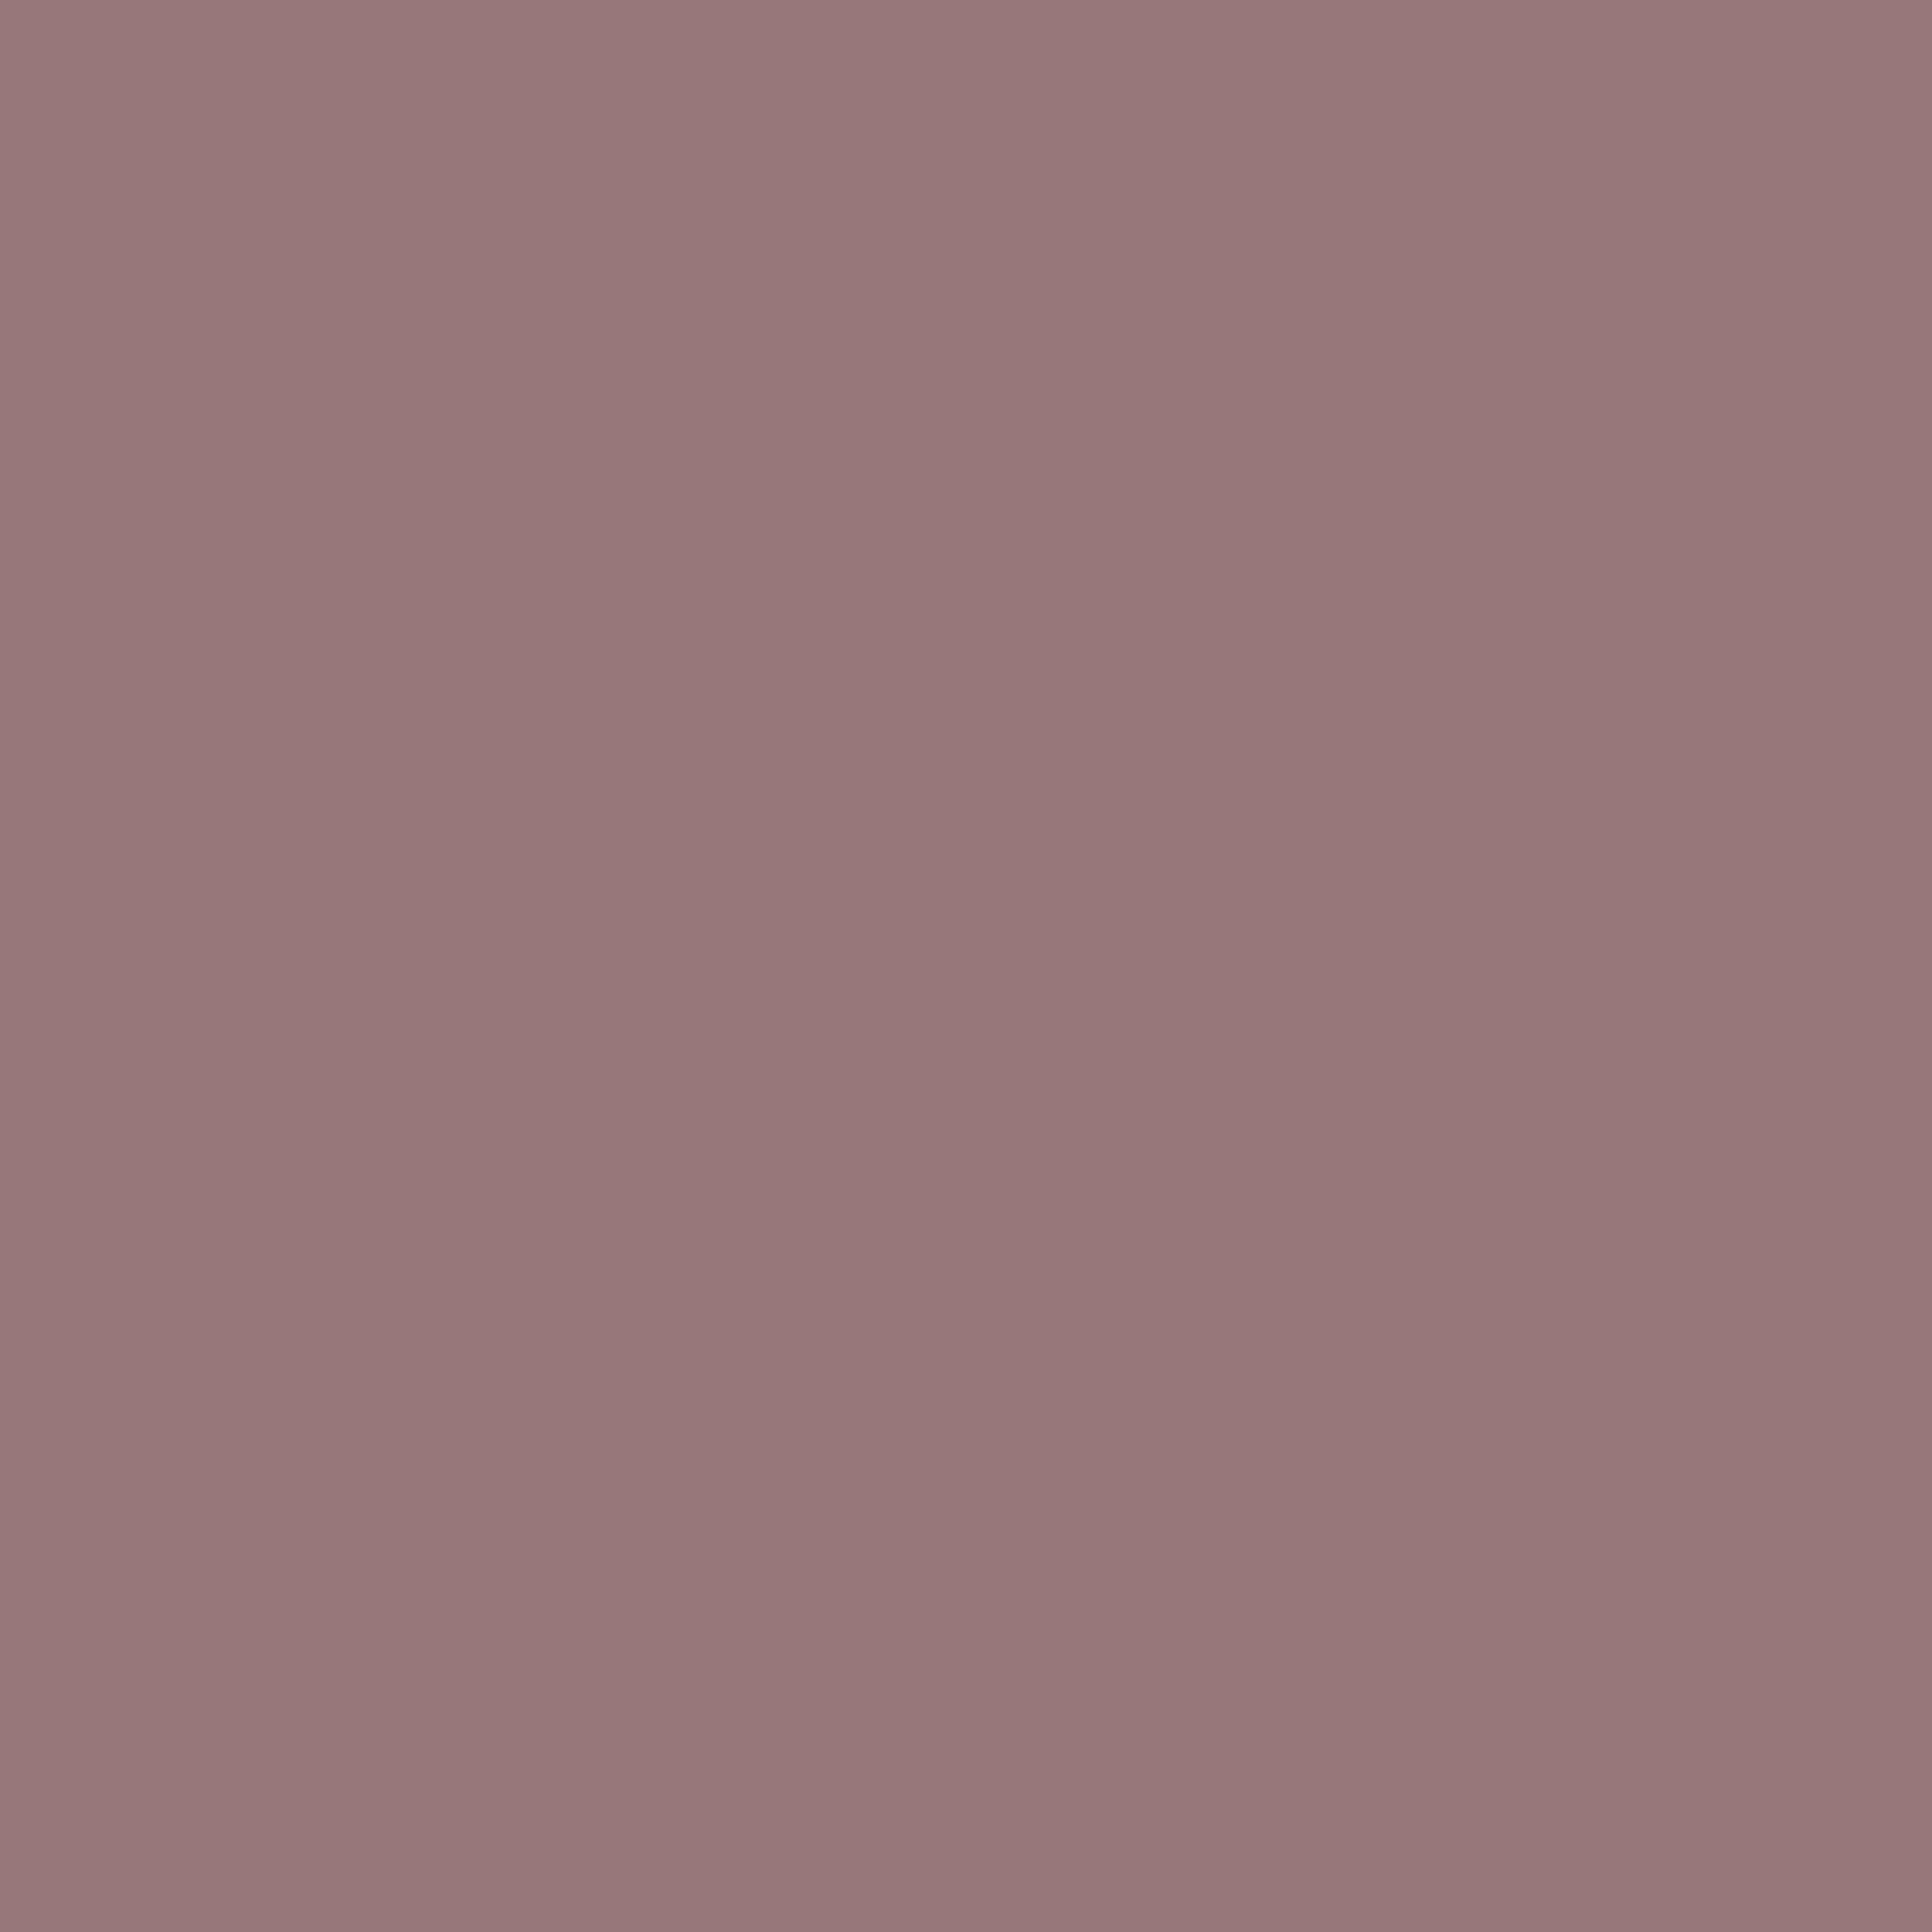 2732x2732 Bazaar Solid Color Background